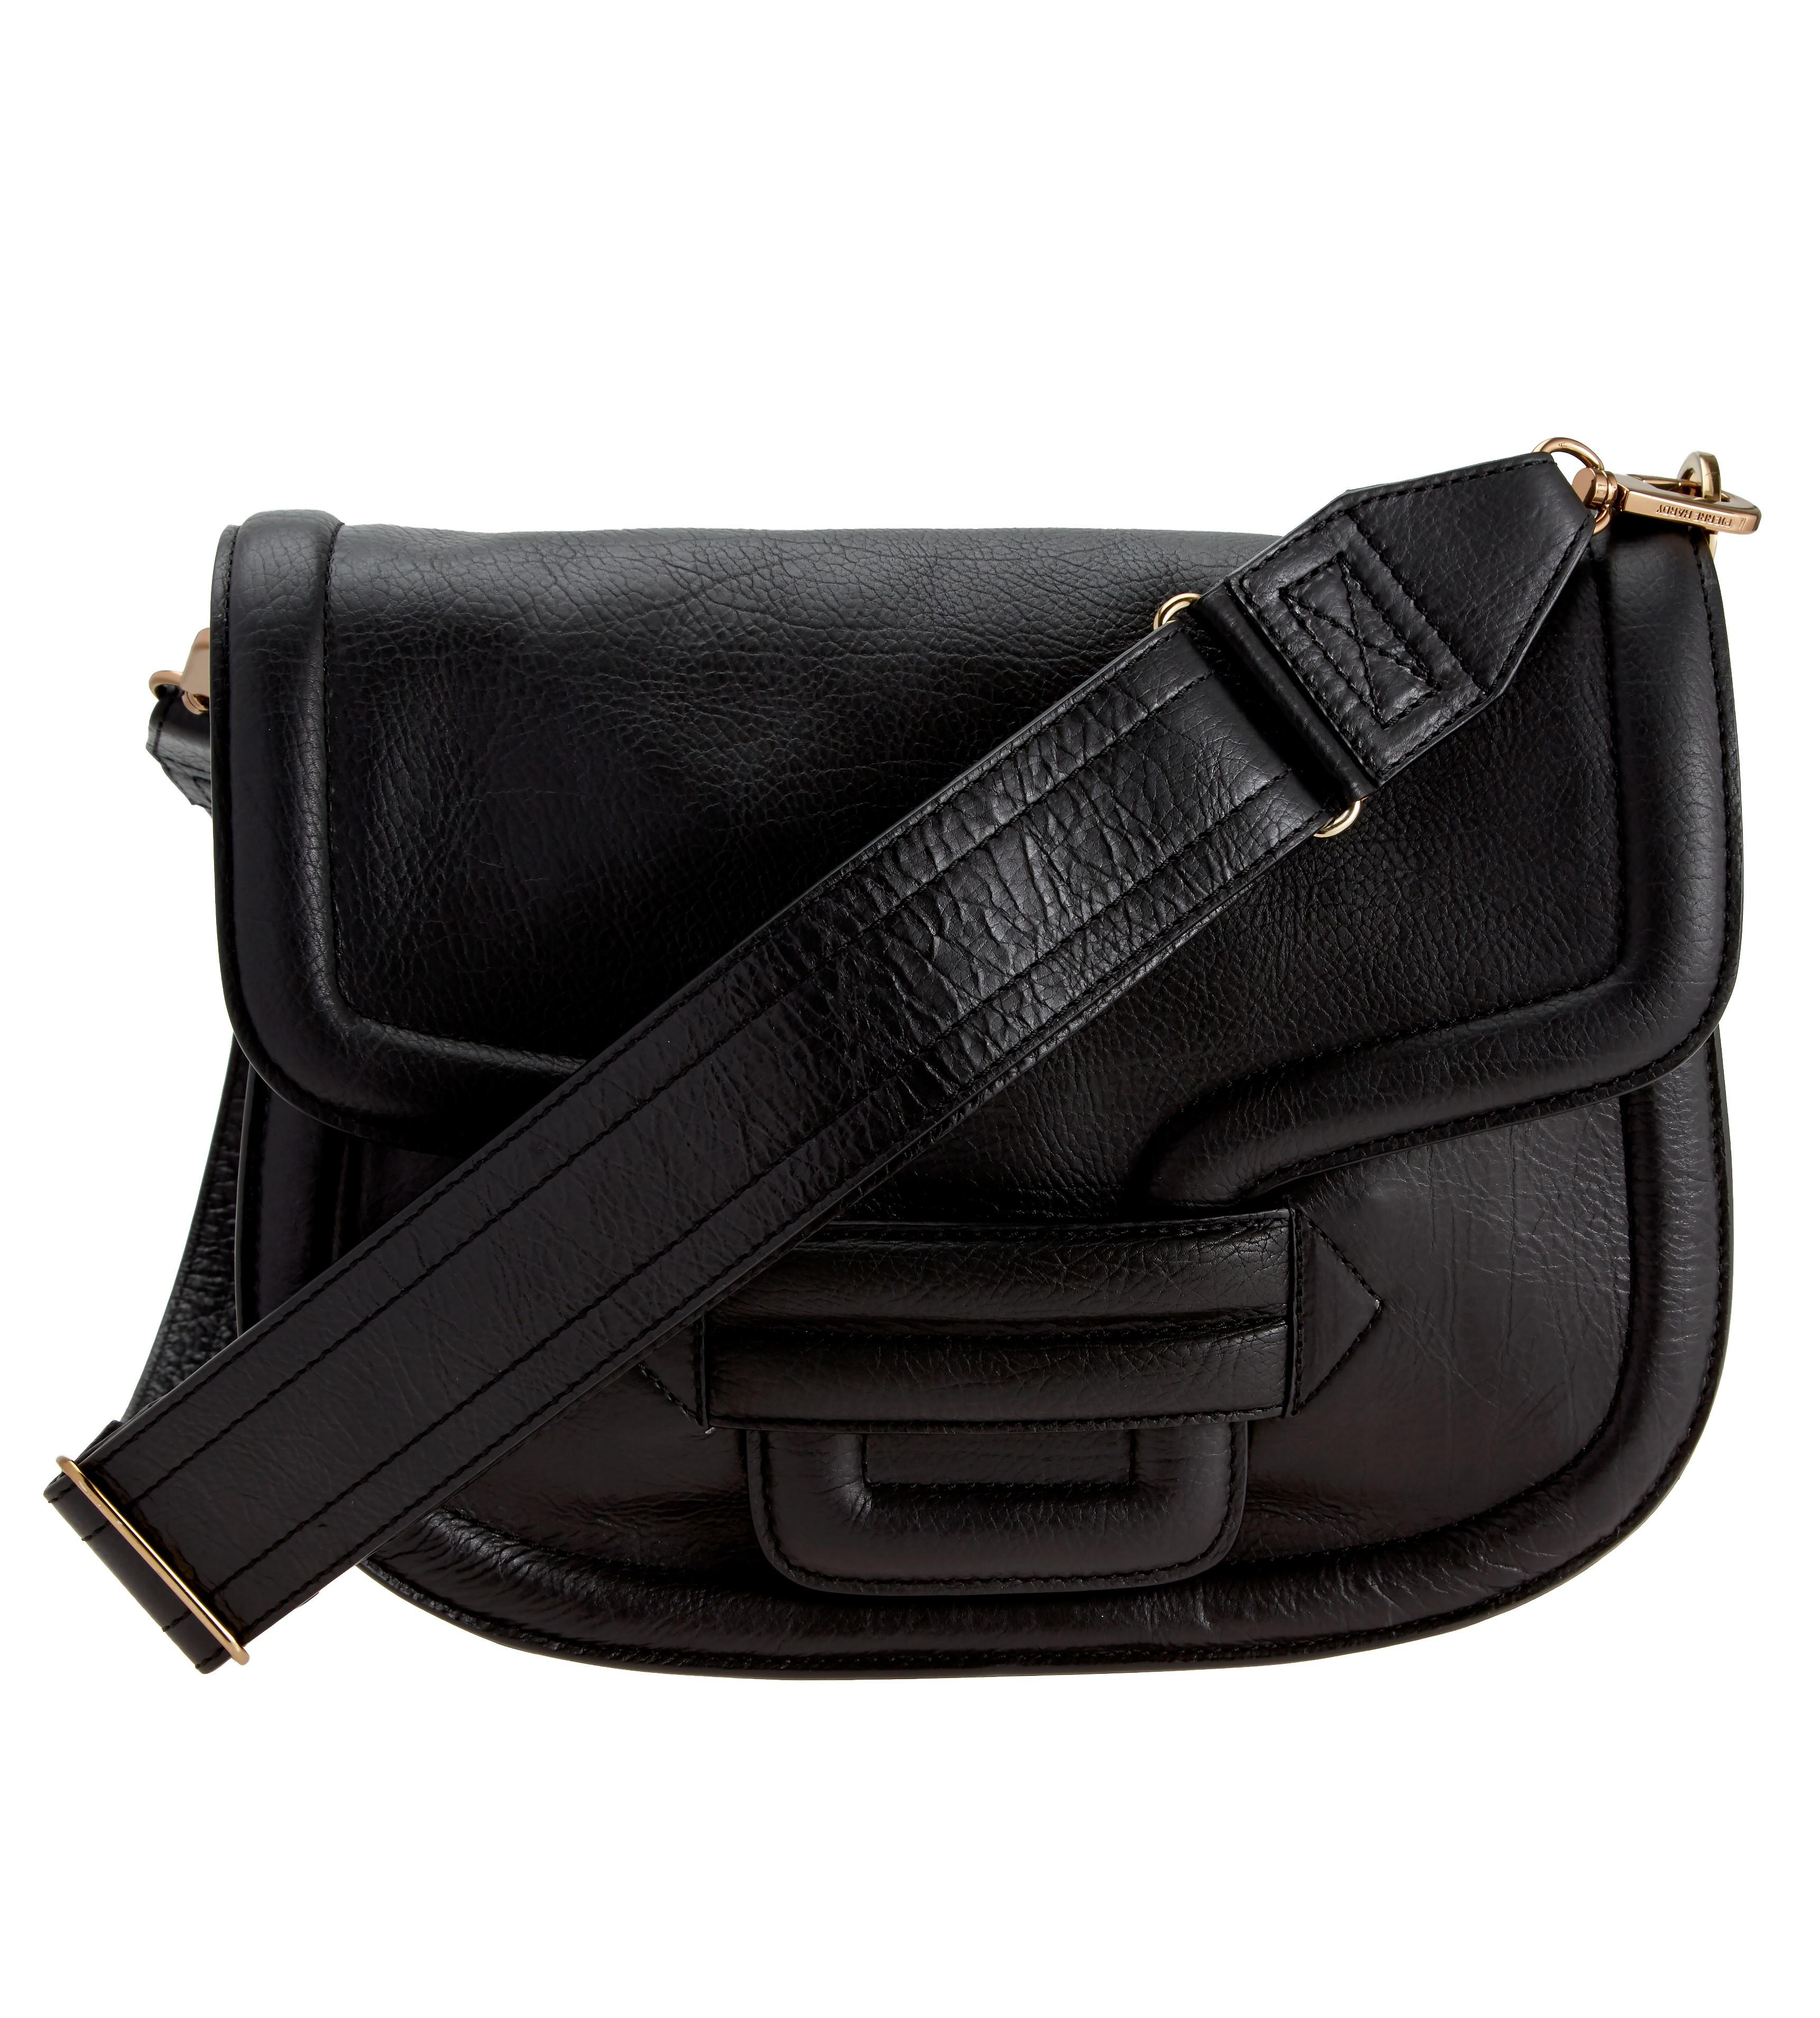 Mini Alpha Ville shoulder bag - Black Pierre Hardy vprFKW0bz